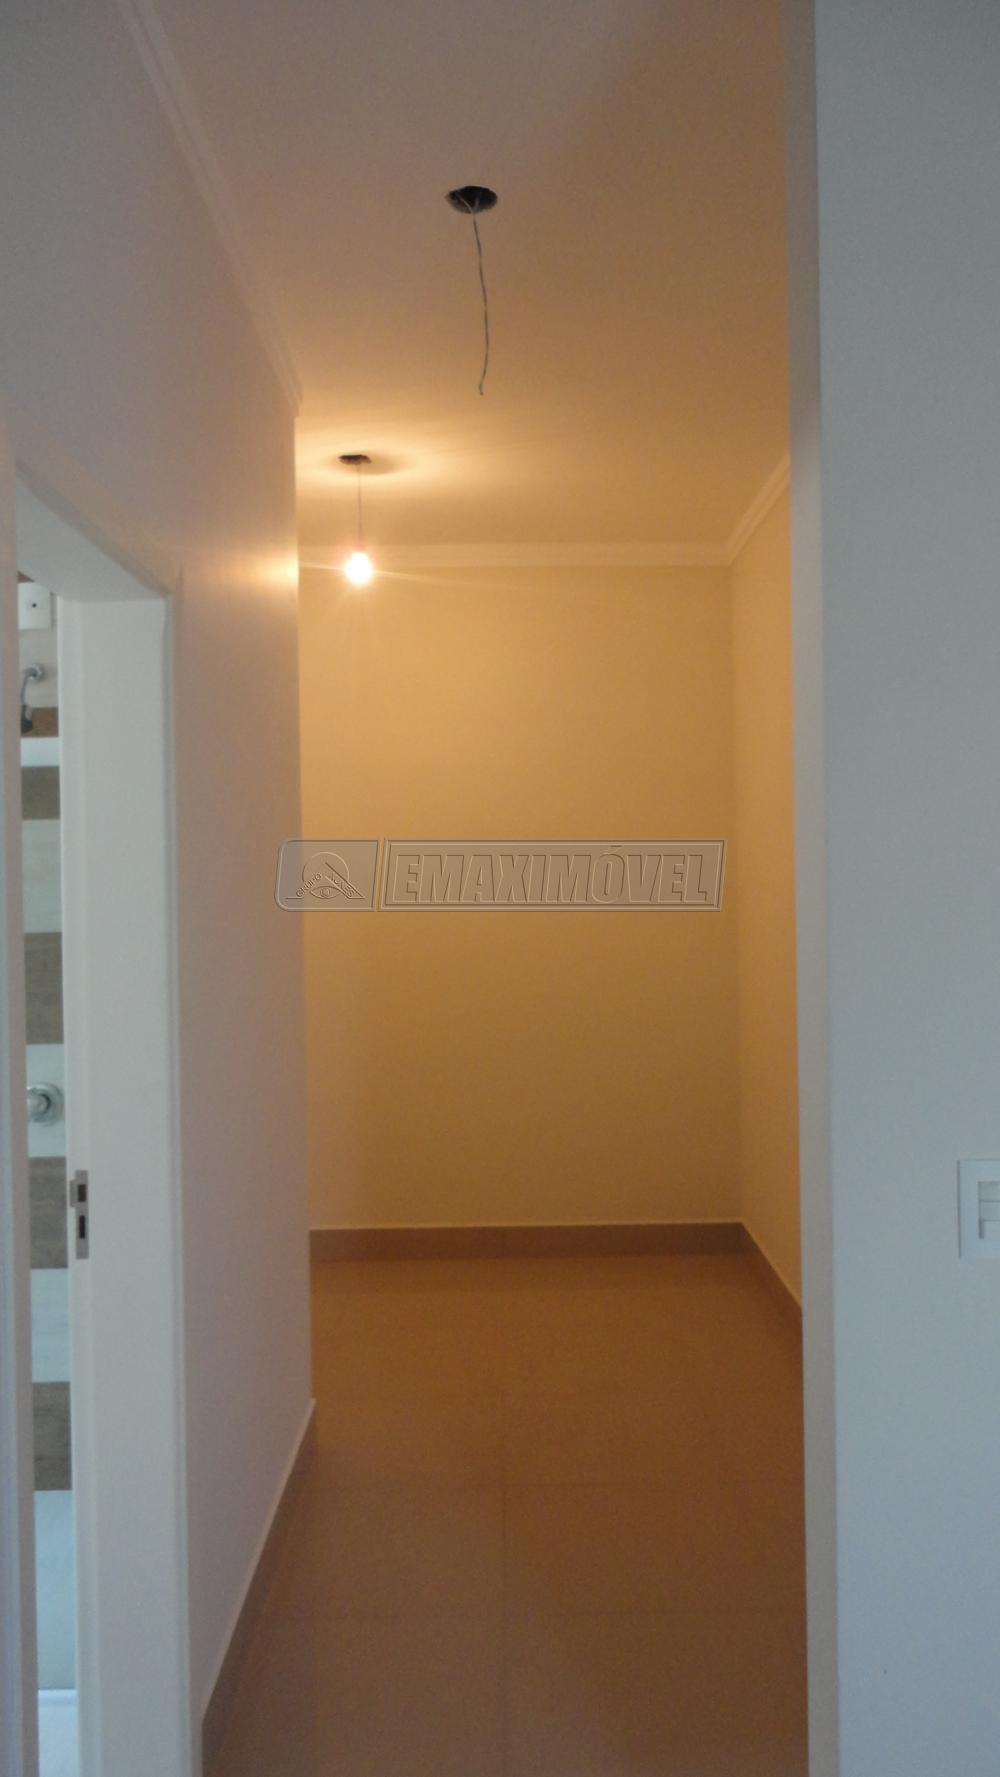 Comprar Casa / em Condomínios em Itu R$ 1.700.000,00 - Foto 20